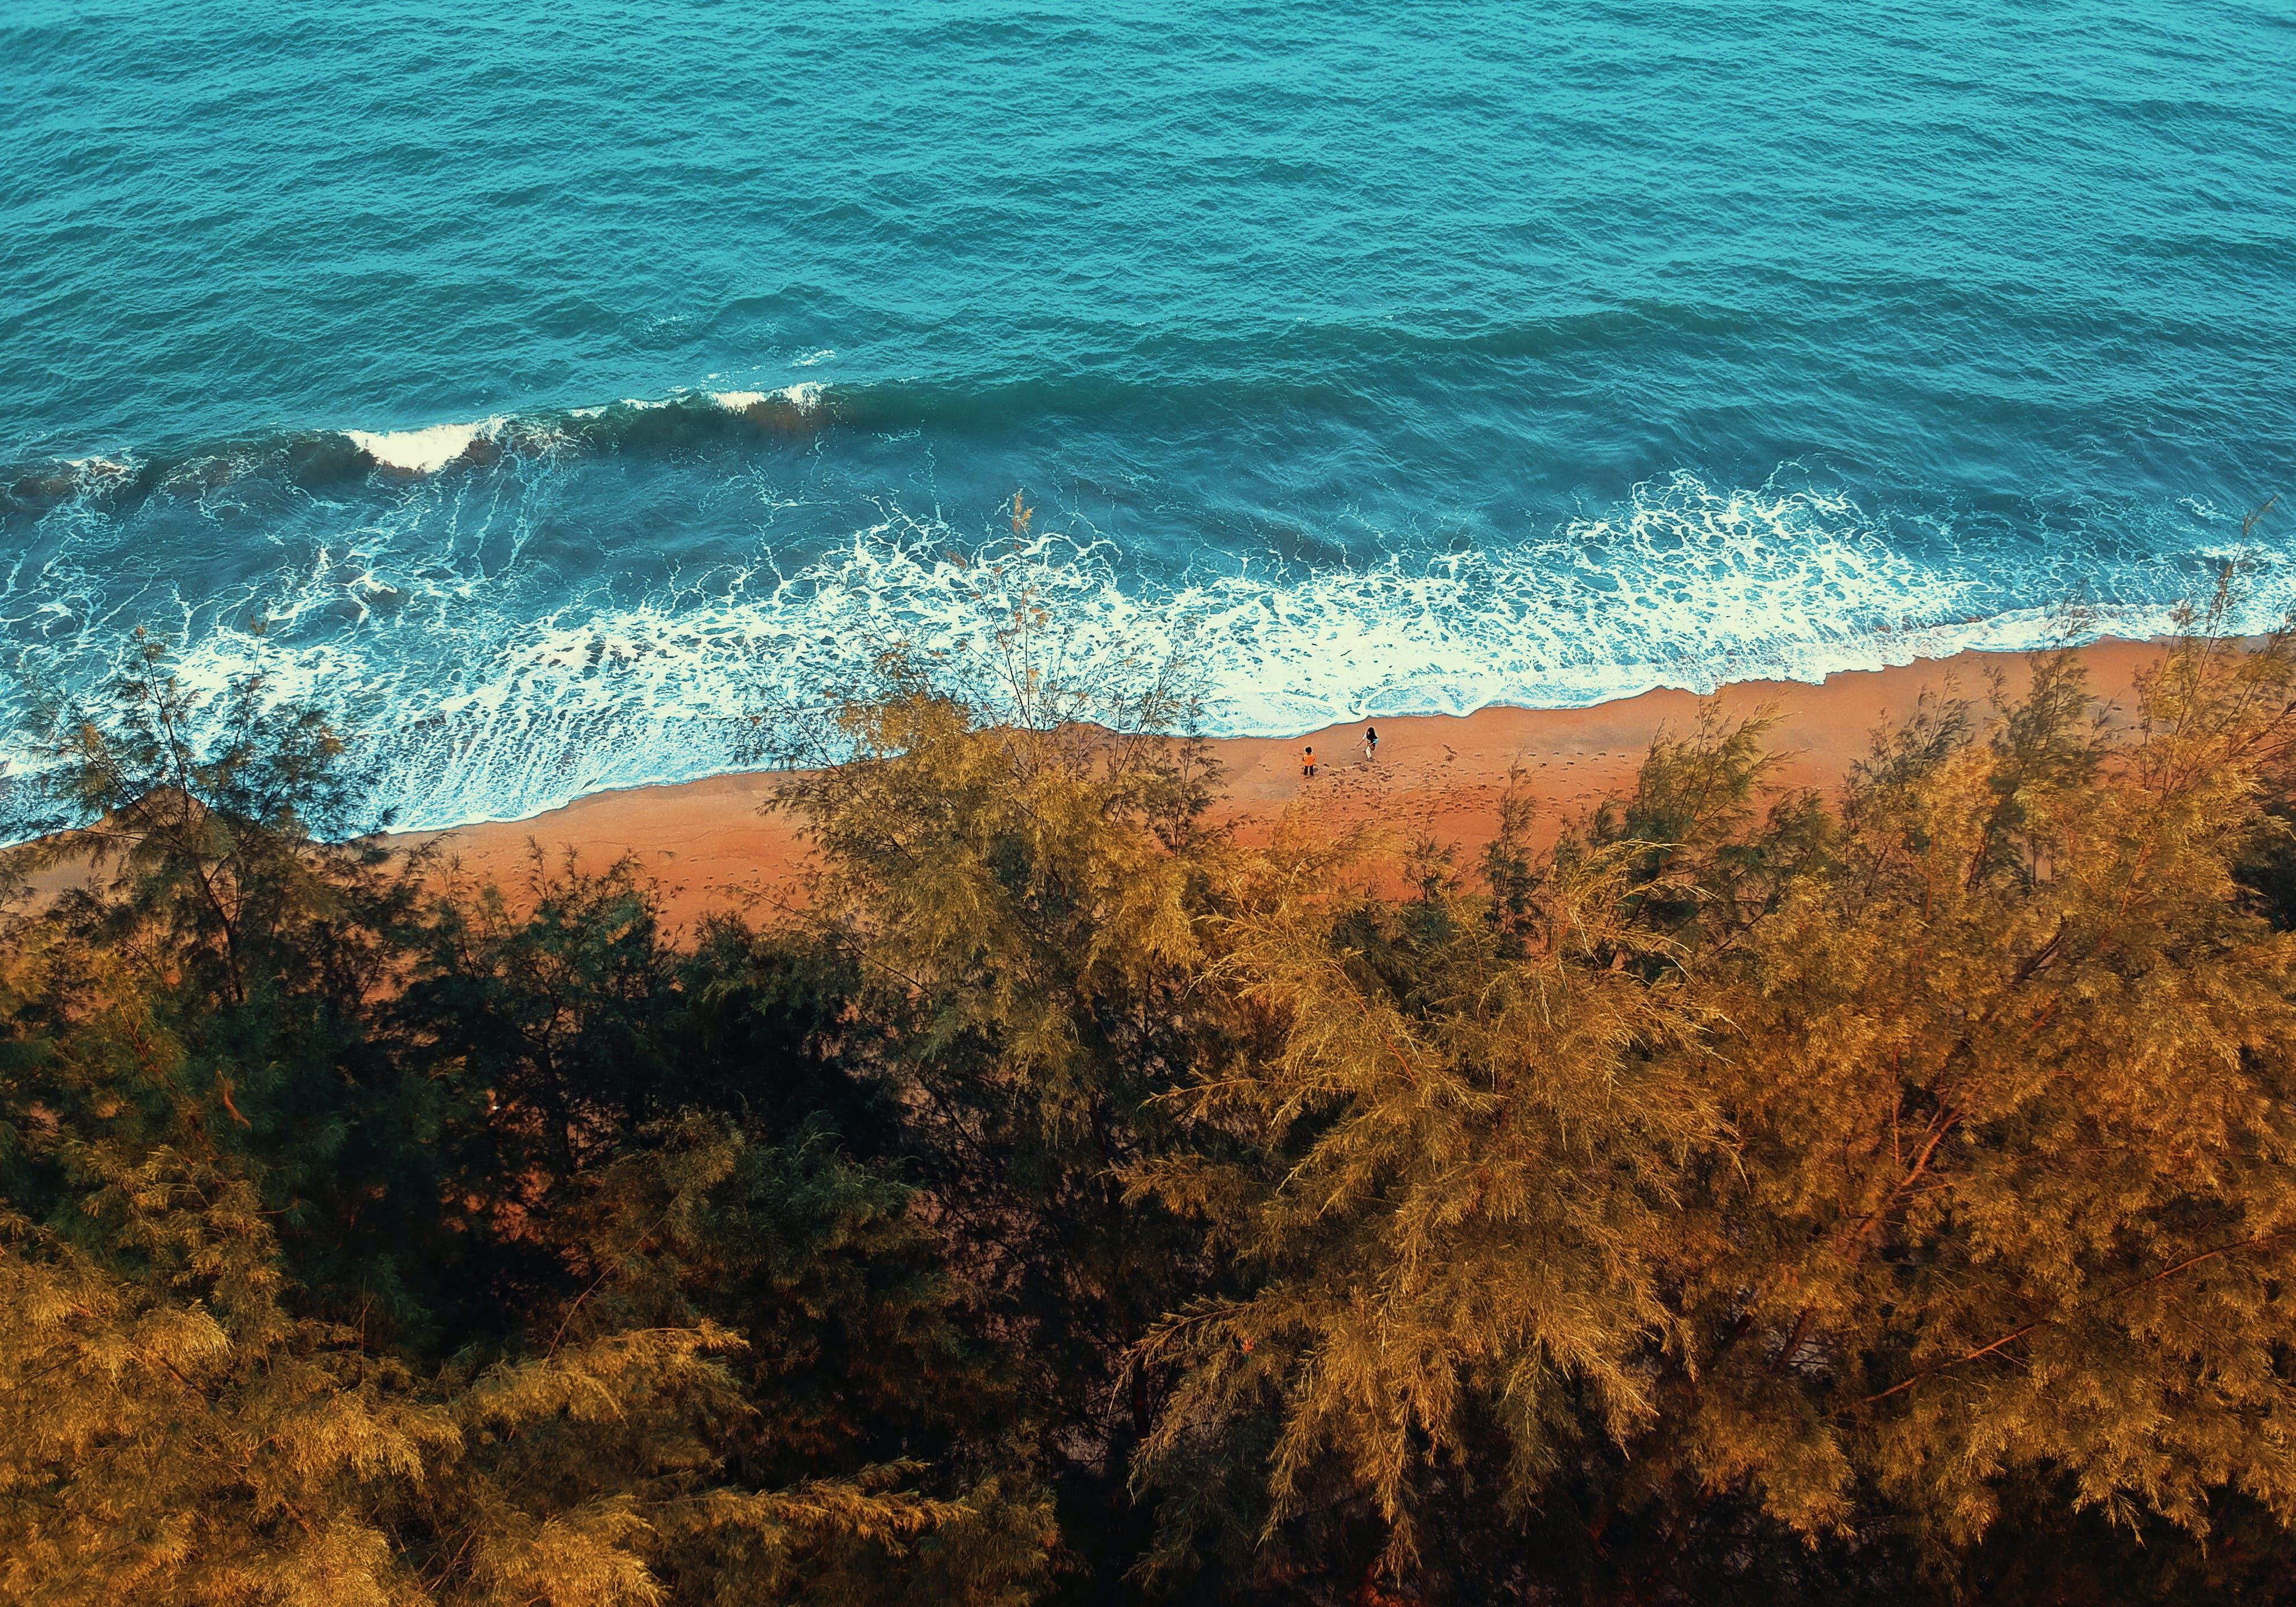 Gratis stockfoto met bij de oceaan, bird's eye view, bomen, golfjes